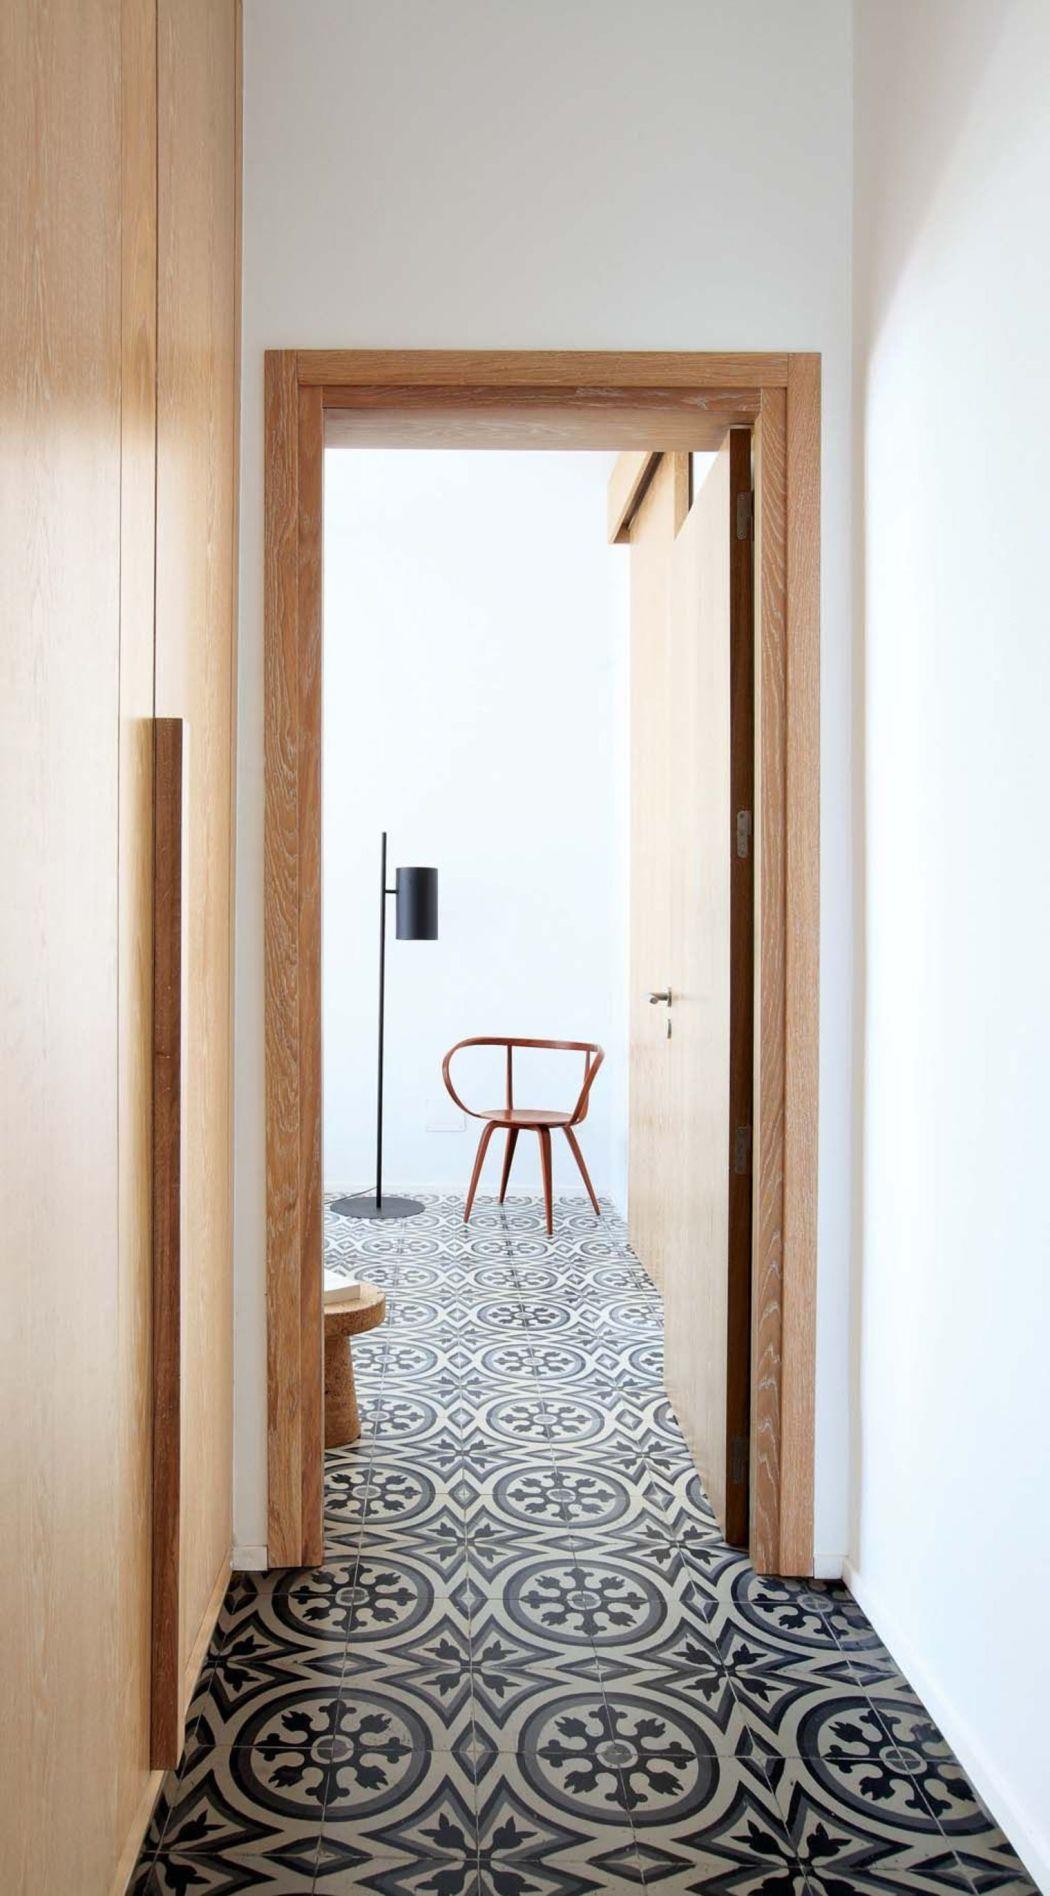 Visite déco | Rénovation : place aux carreaux de ciment dans le couloir | @decocrush - www.decocrush.fr